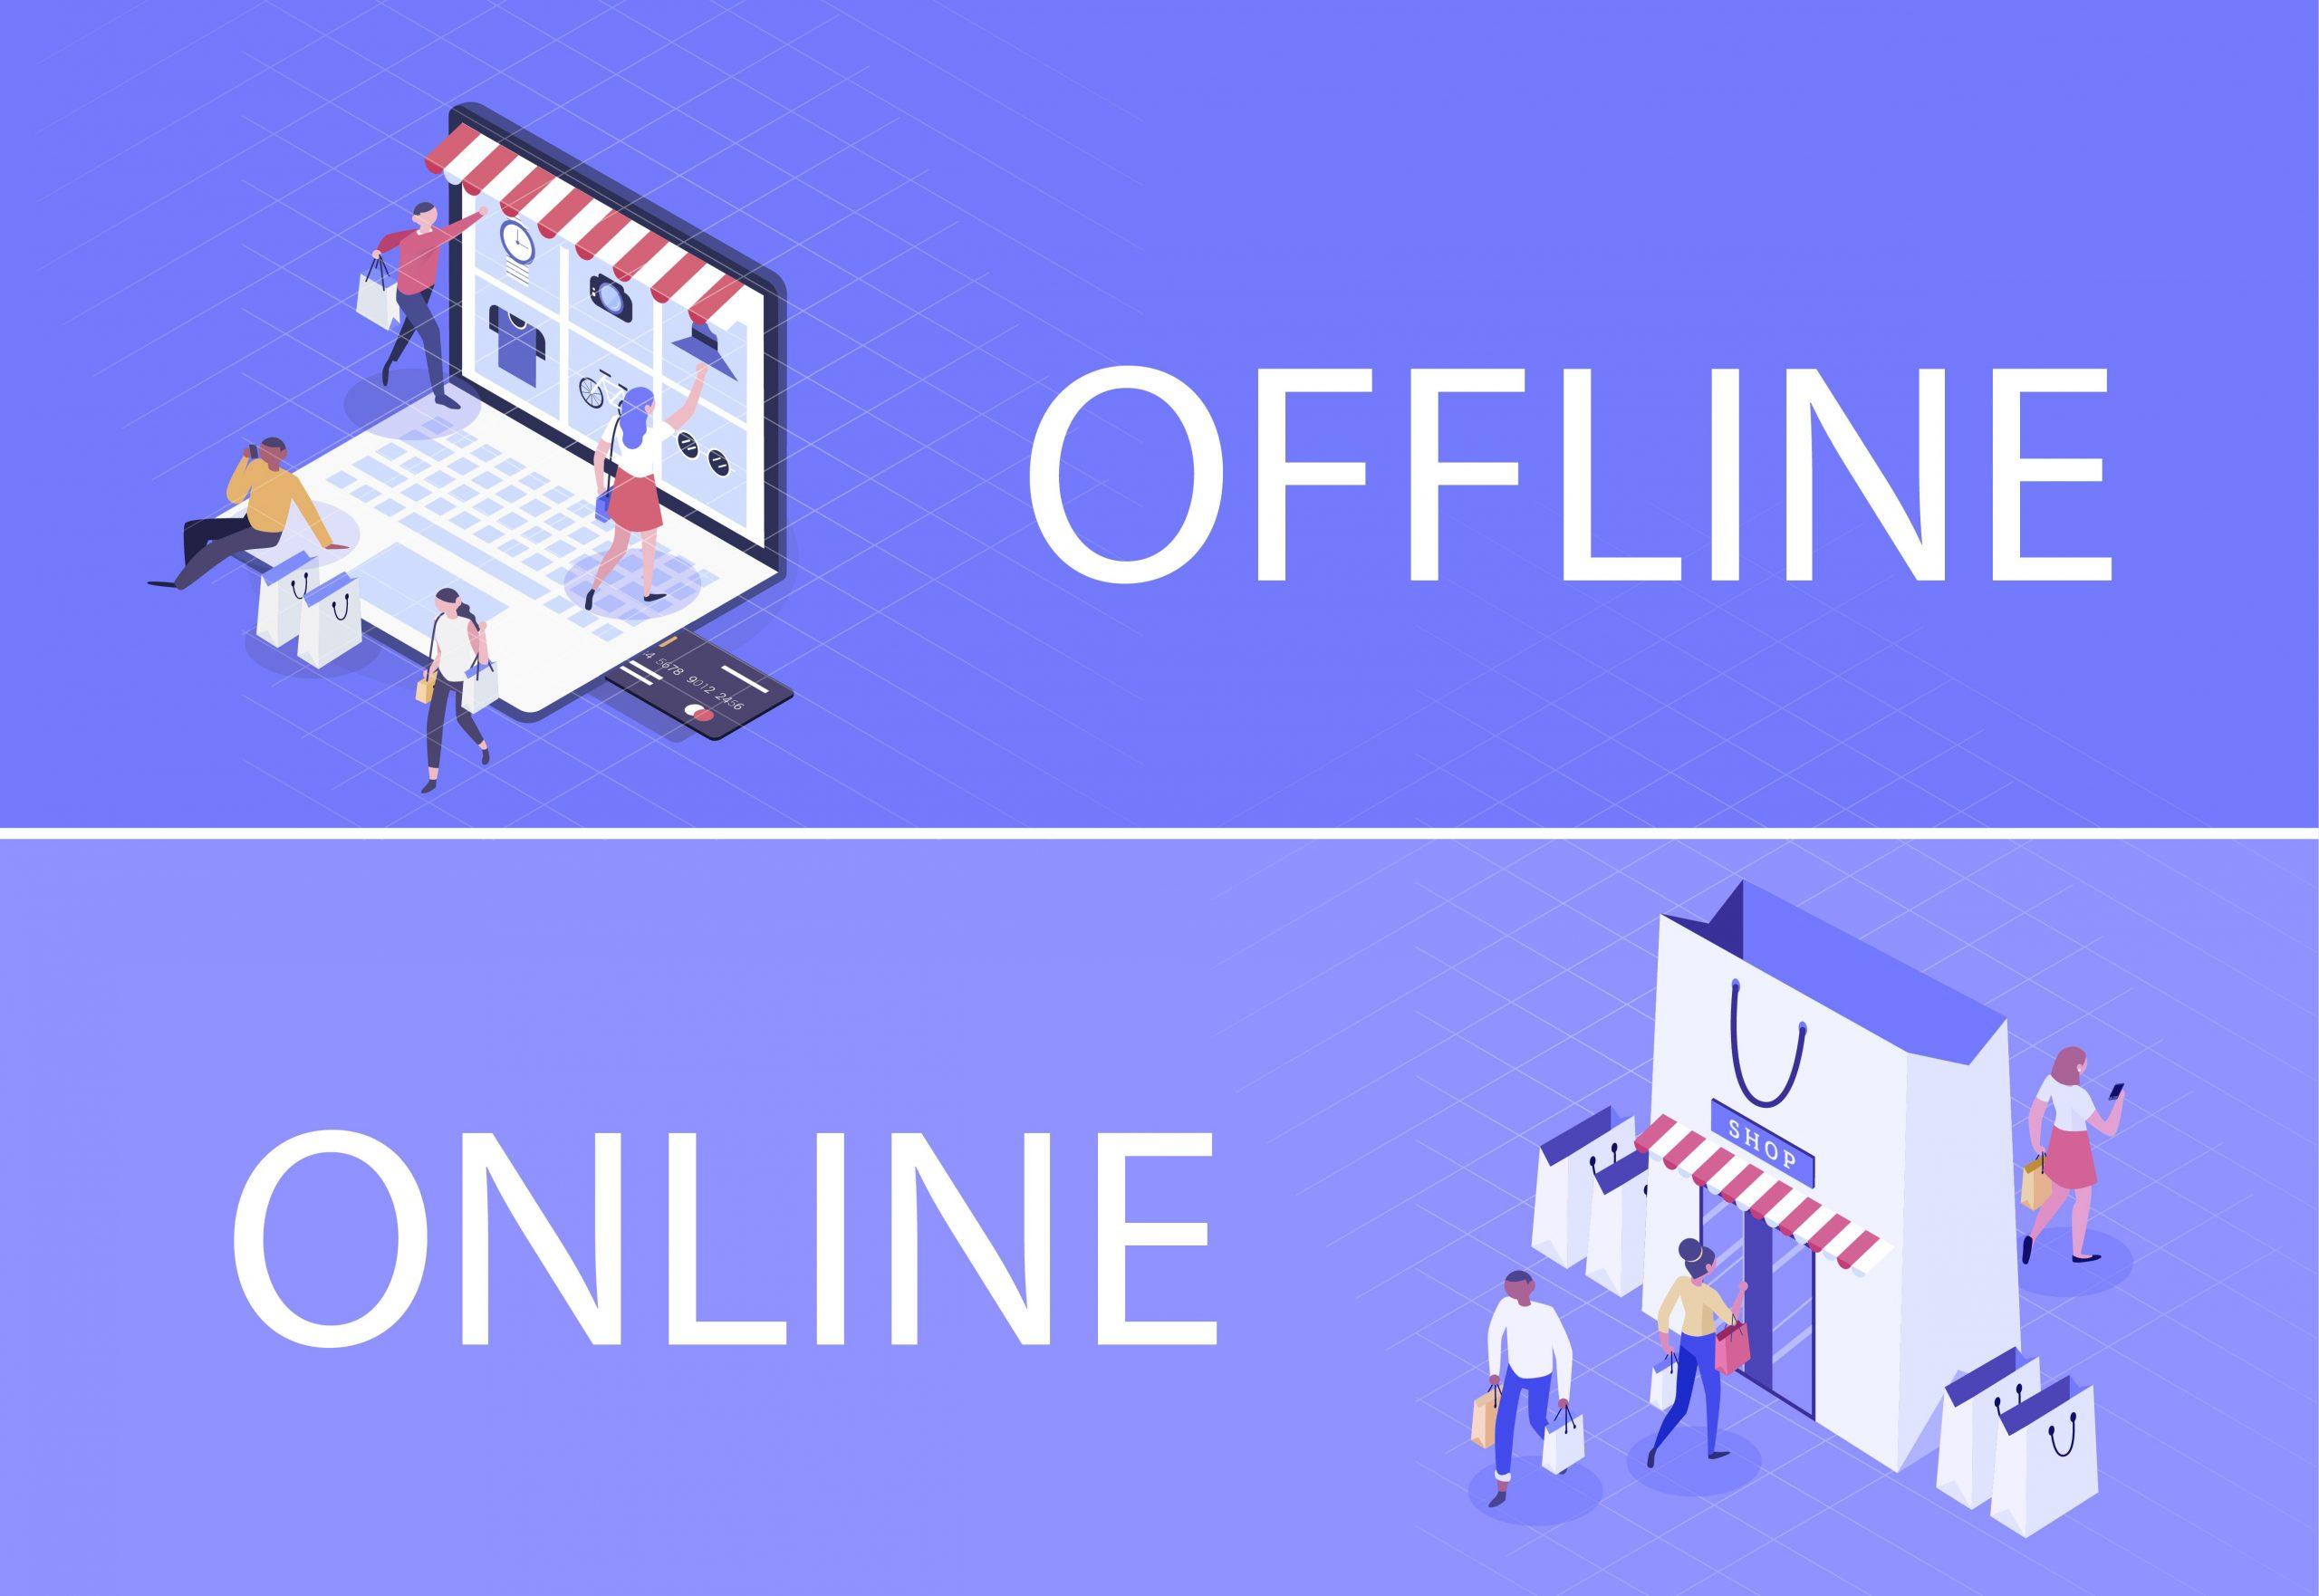 Mua hàng online hay offline